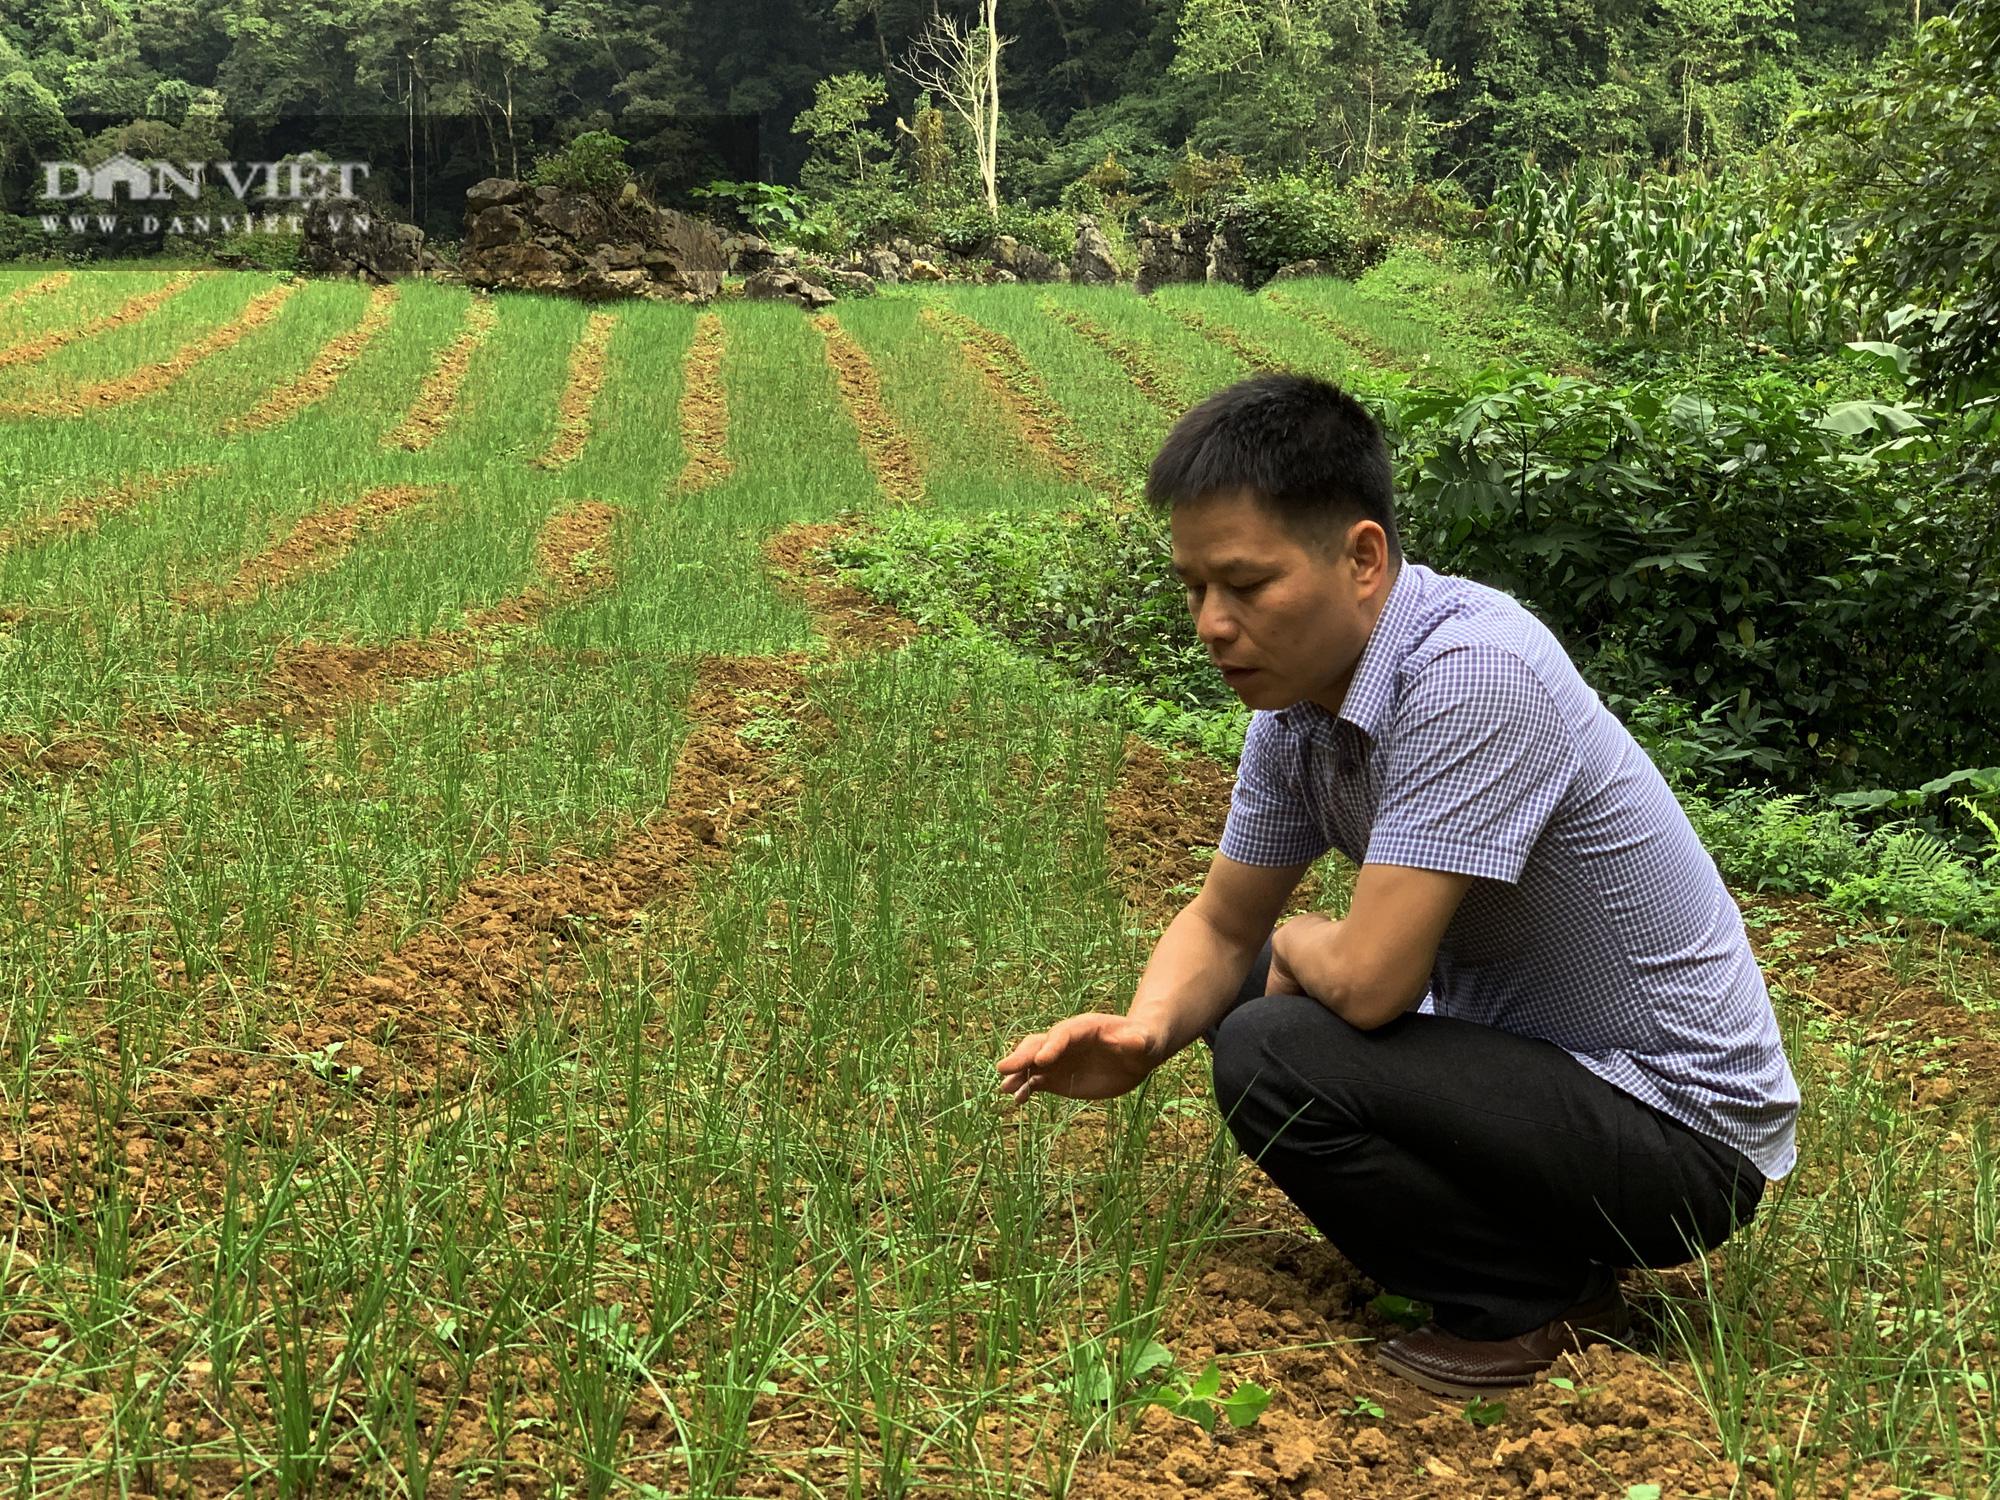 Tránh để phí đất, nông dân Bắc Kạn mang loài cây này về trồng, có thêm thu nhập, không lo đầu ra - Ảnh 5.